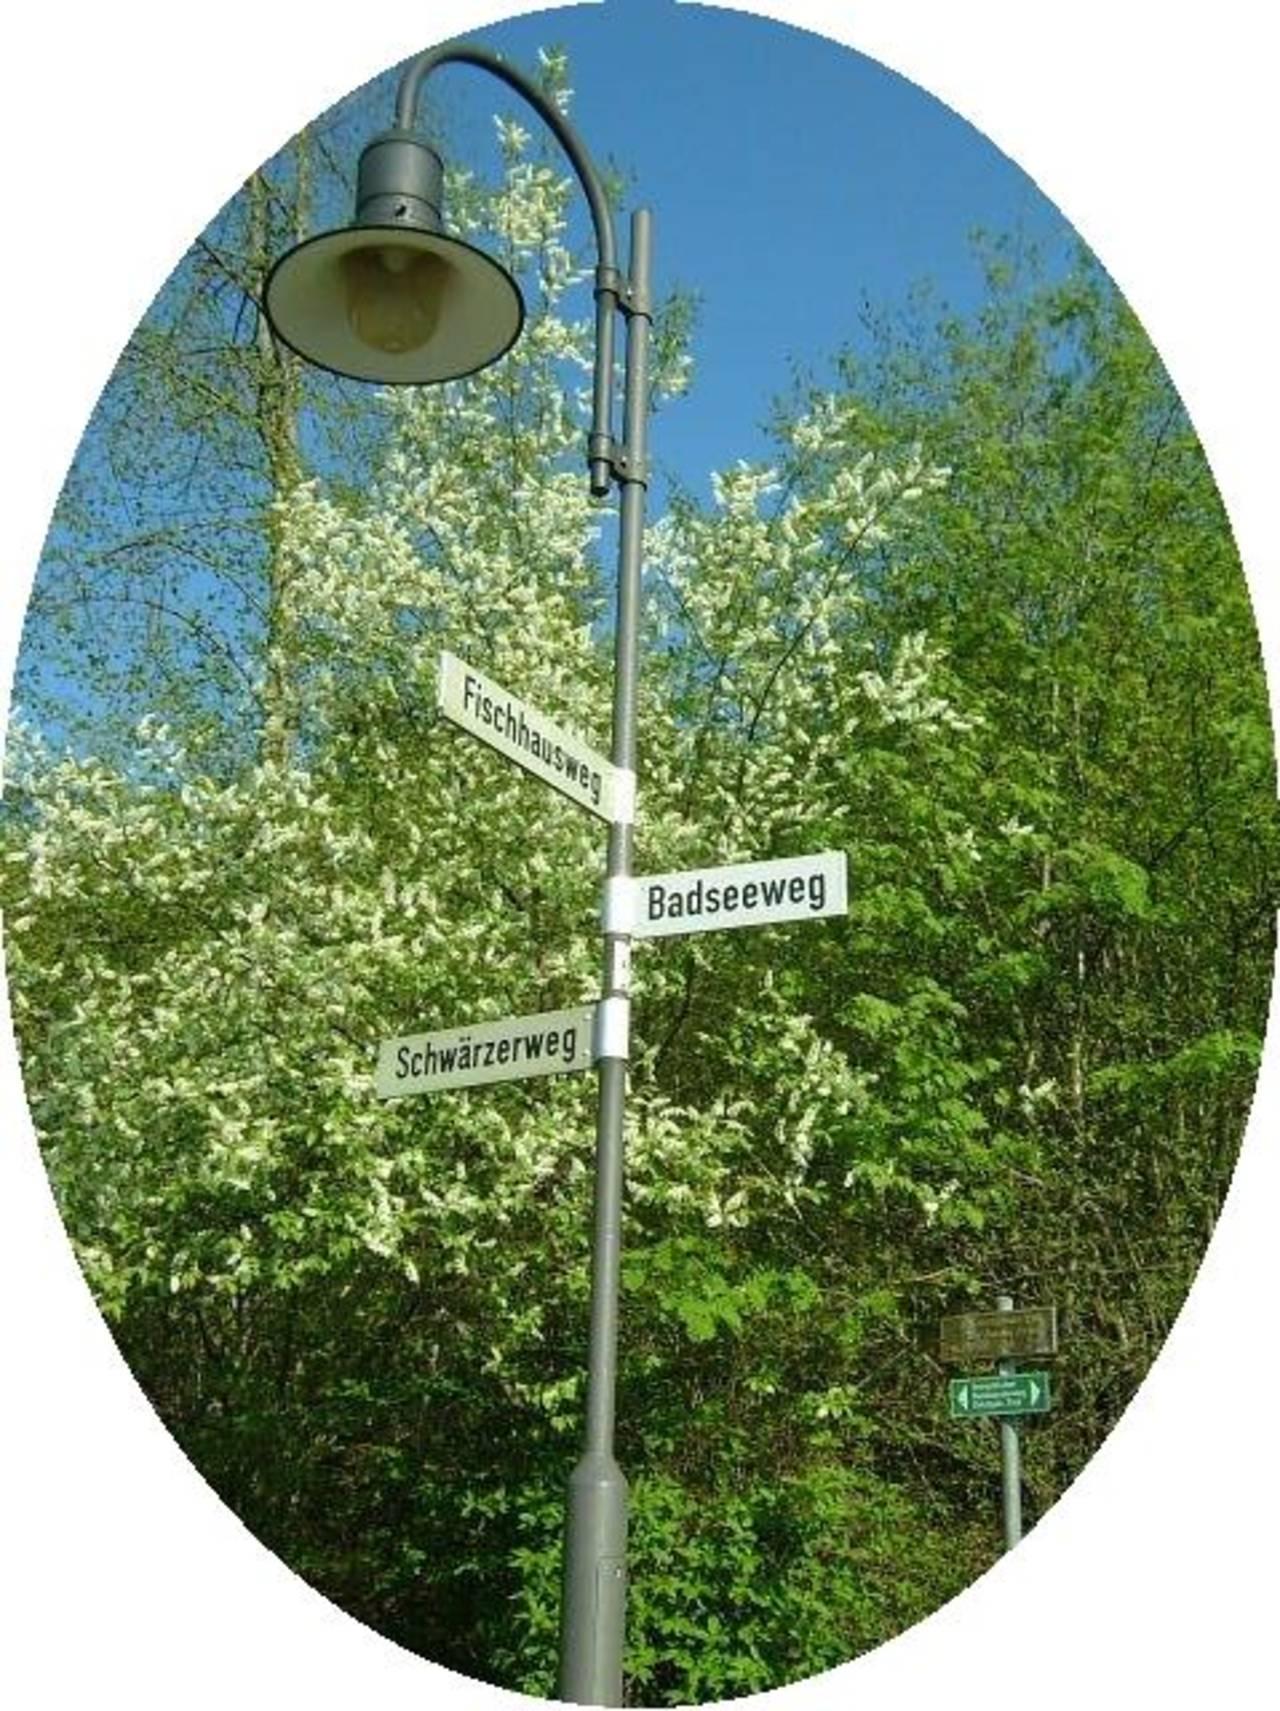 Frühjahr wird´s am Badseeweg ...